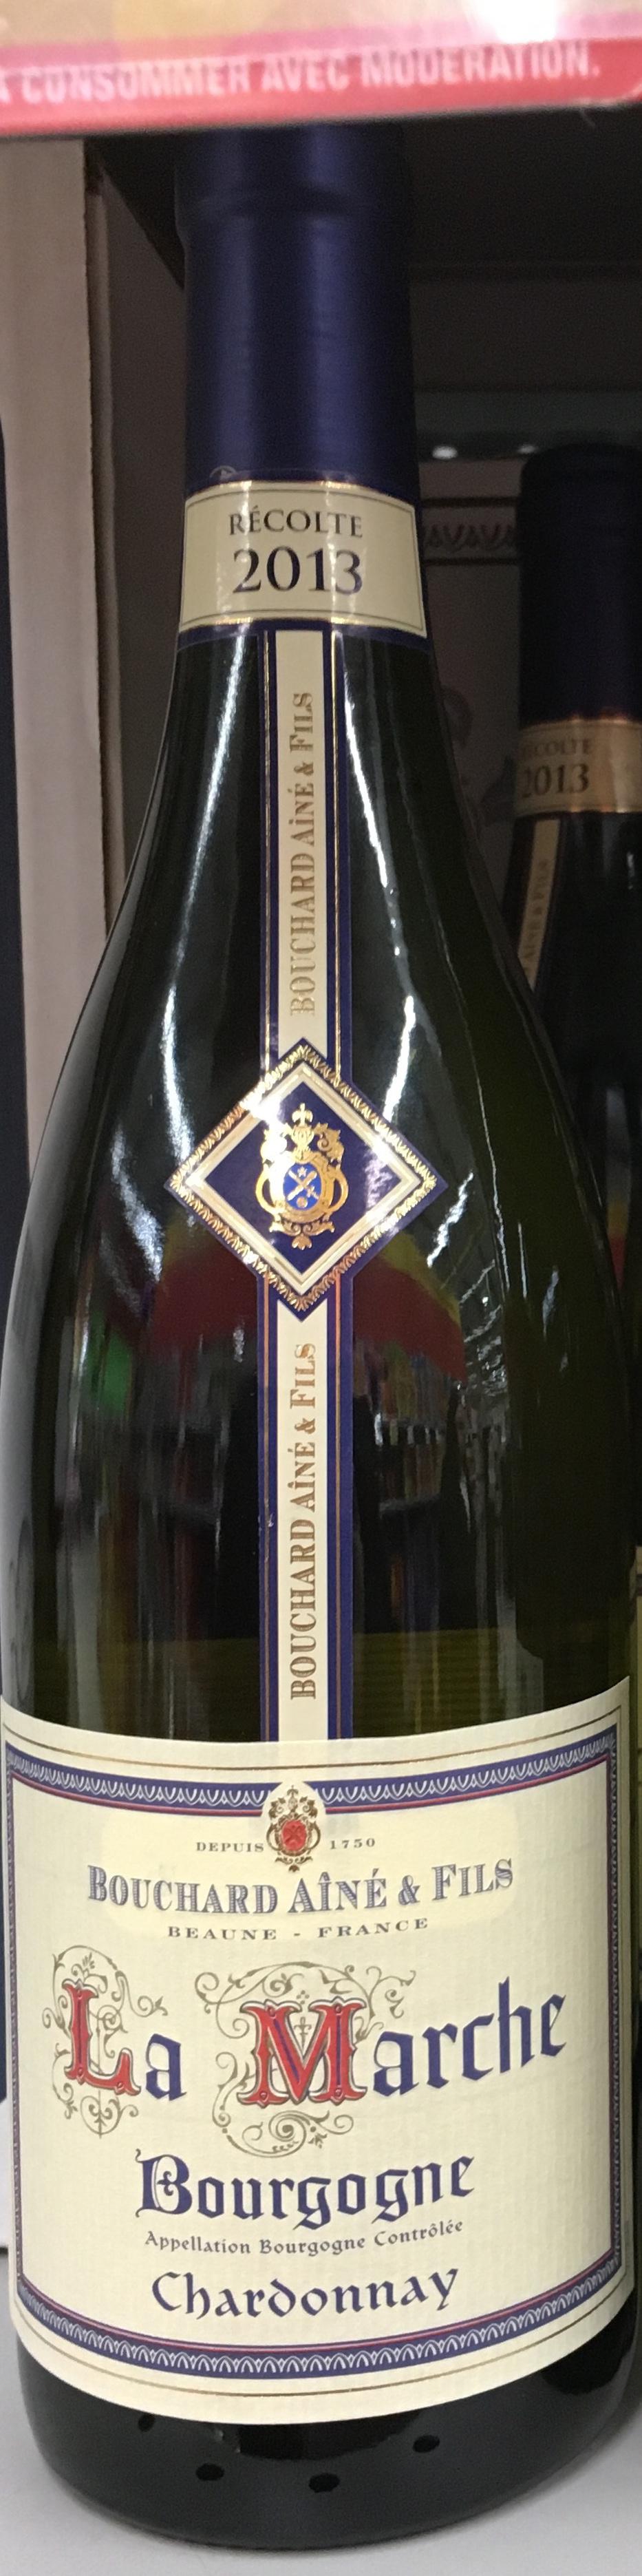 La Marche Bourgogne Chardonnay - Produit - fr